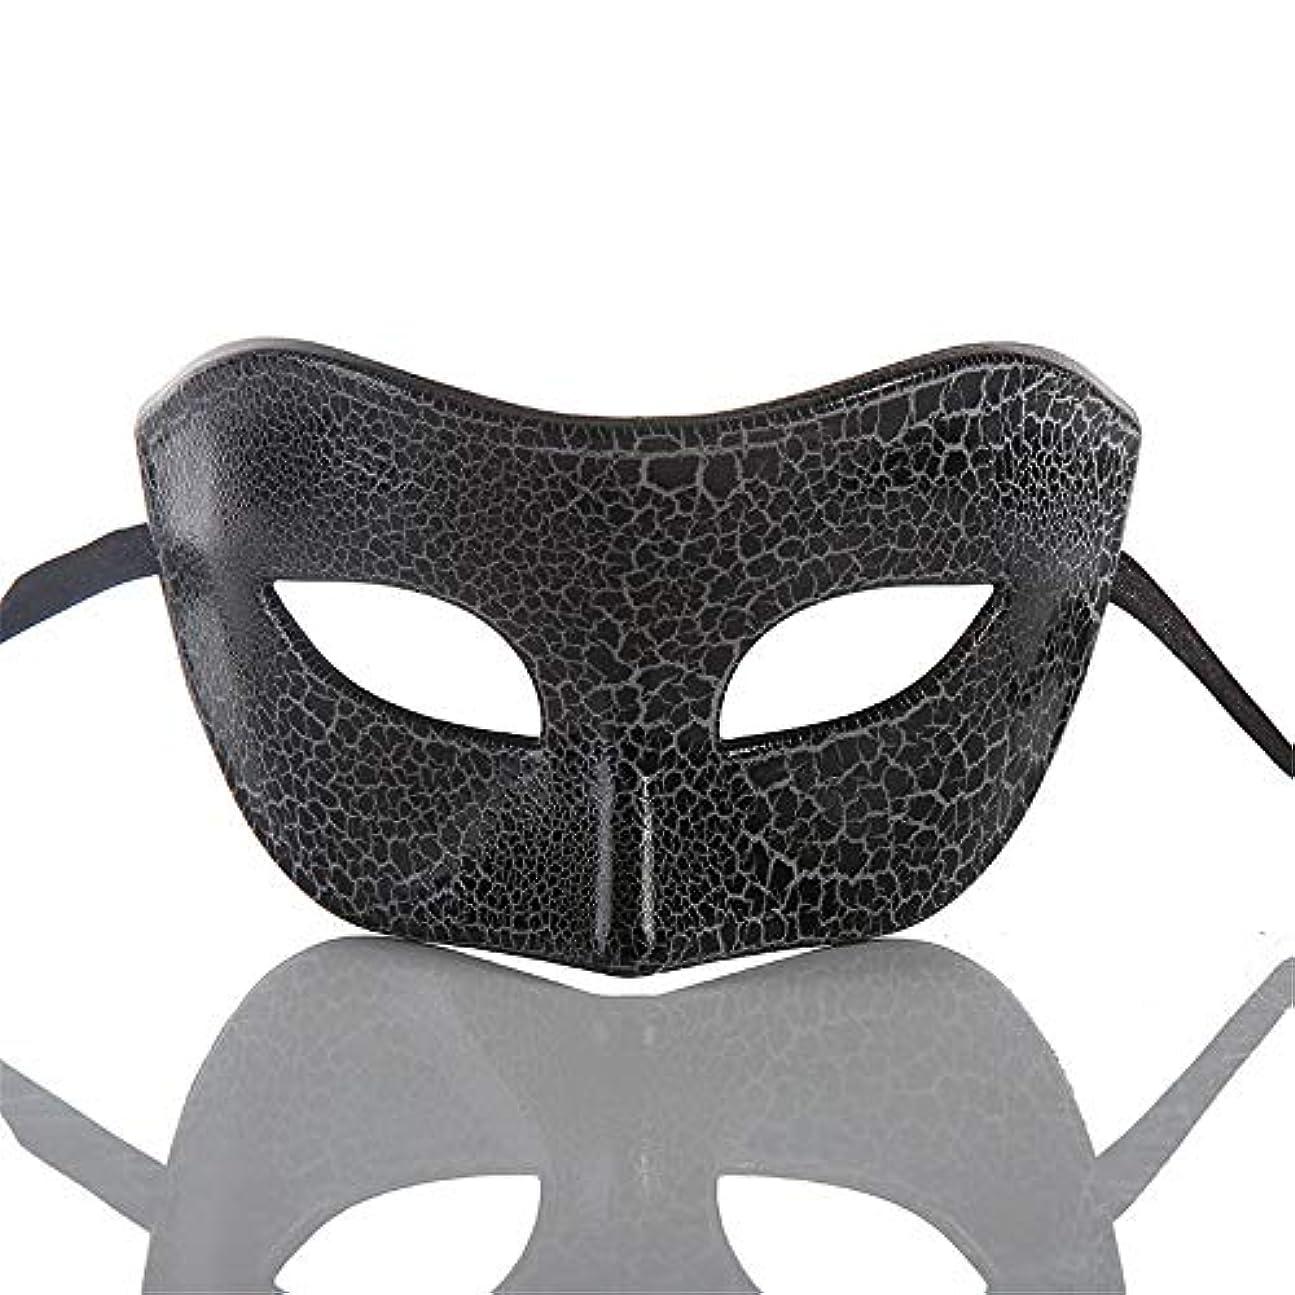 雄弁なシャベル下ダンスマスク ハーフマスク新しいハロウィーンマスク仮装レトロコスプレメイクナイトクラブマスク雰囲気クリスマスお祝いプラスチックマスク ホリデーパーティー用品 (色 : ブラック, サイズ : 16.5x8cm)